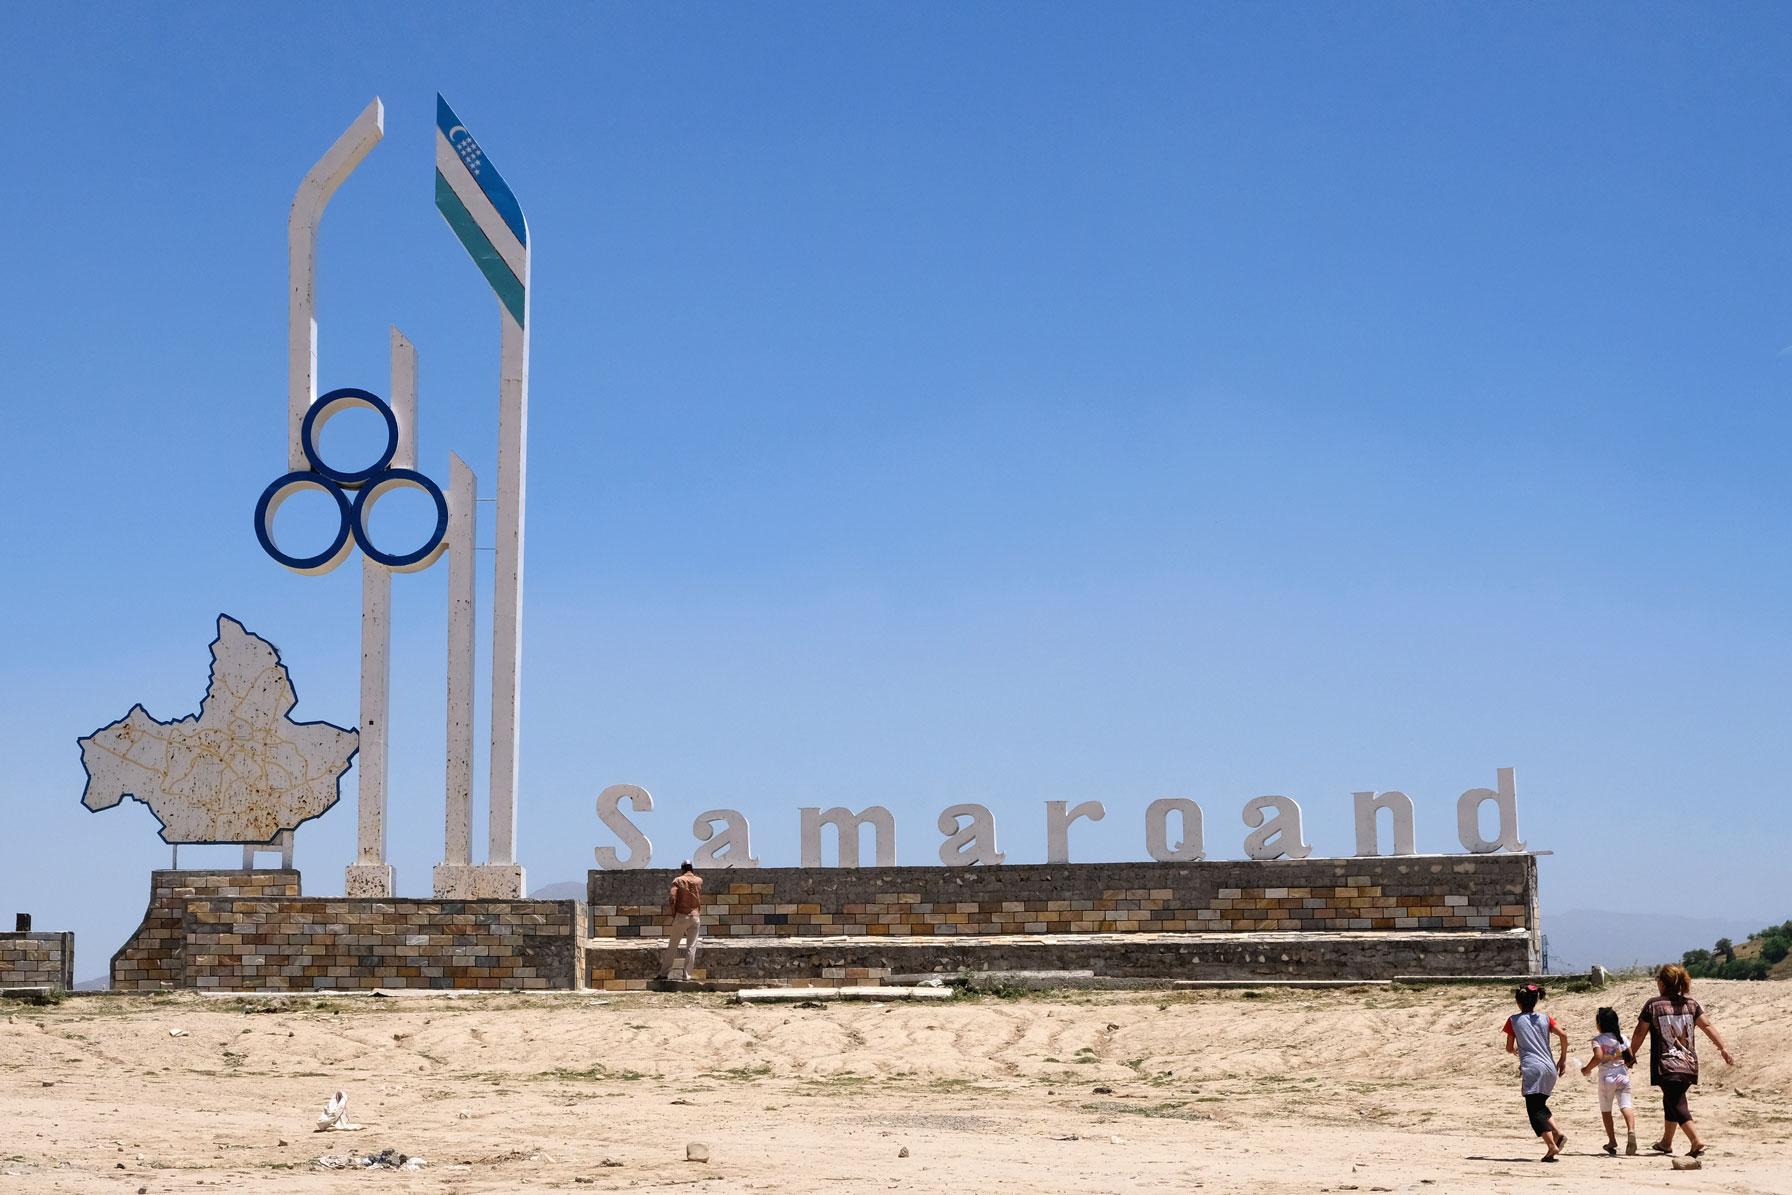 """Ein großer Schriftzug, auf dem """"Samarqand"""" zu lesen ist"""